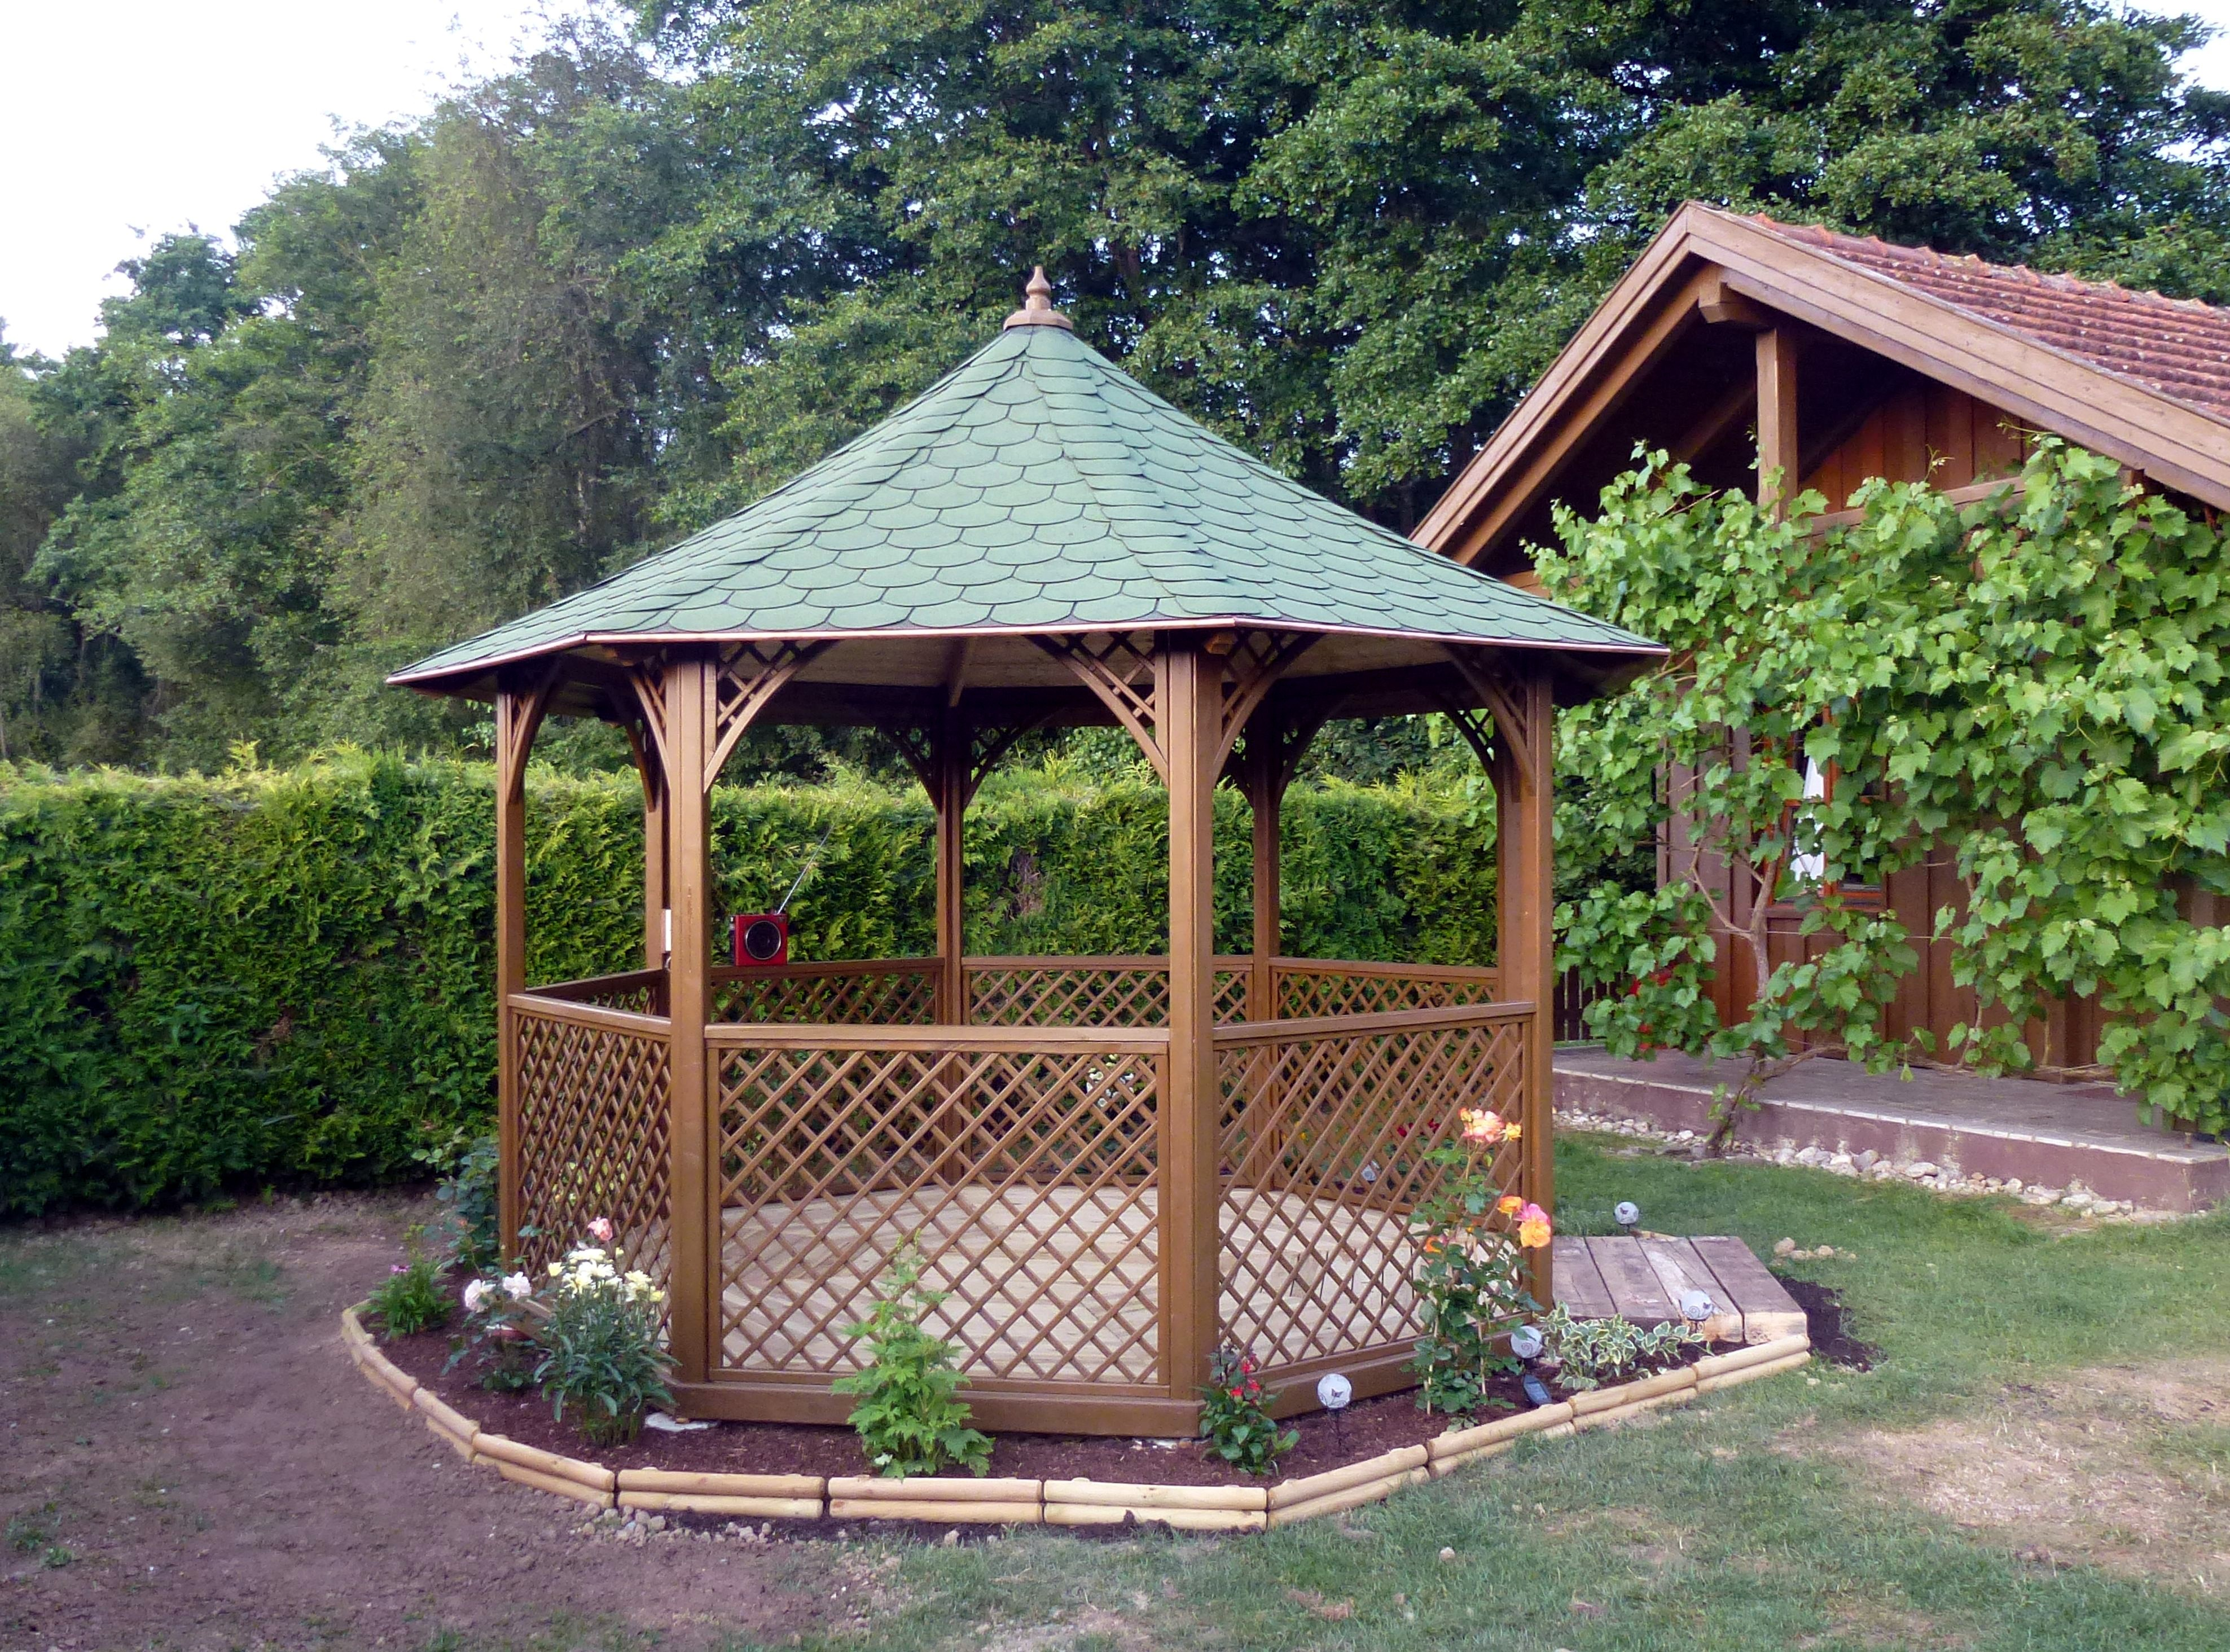 10 moyens d obtenir de l ombre au jardin jardinier conseil - Deco jardin chinois ...